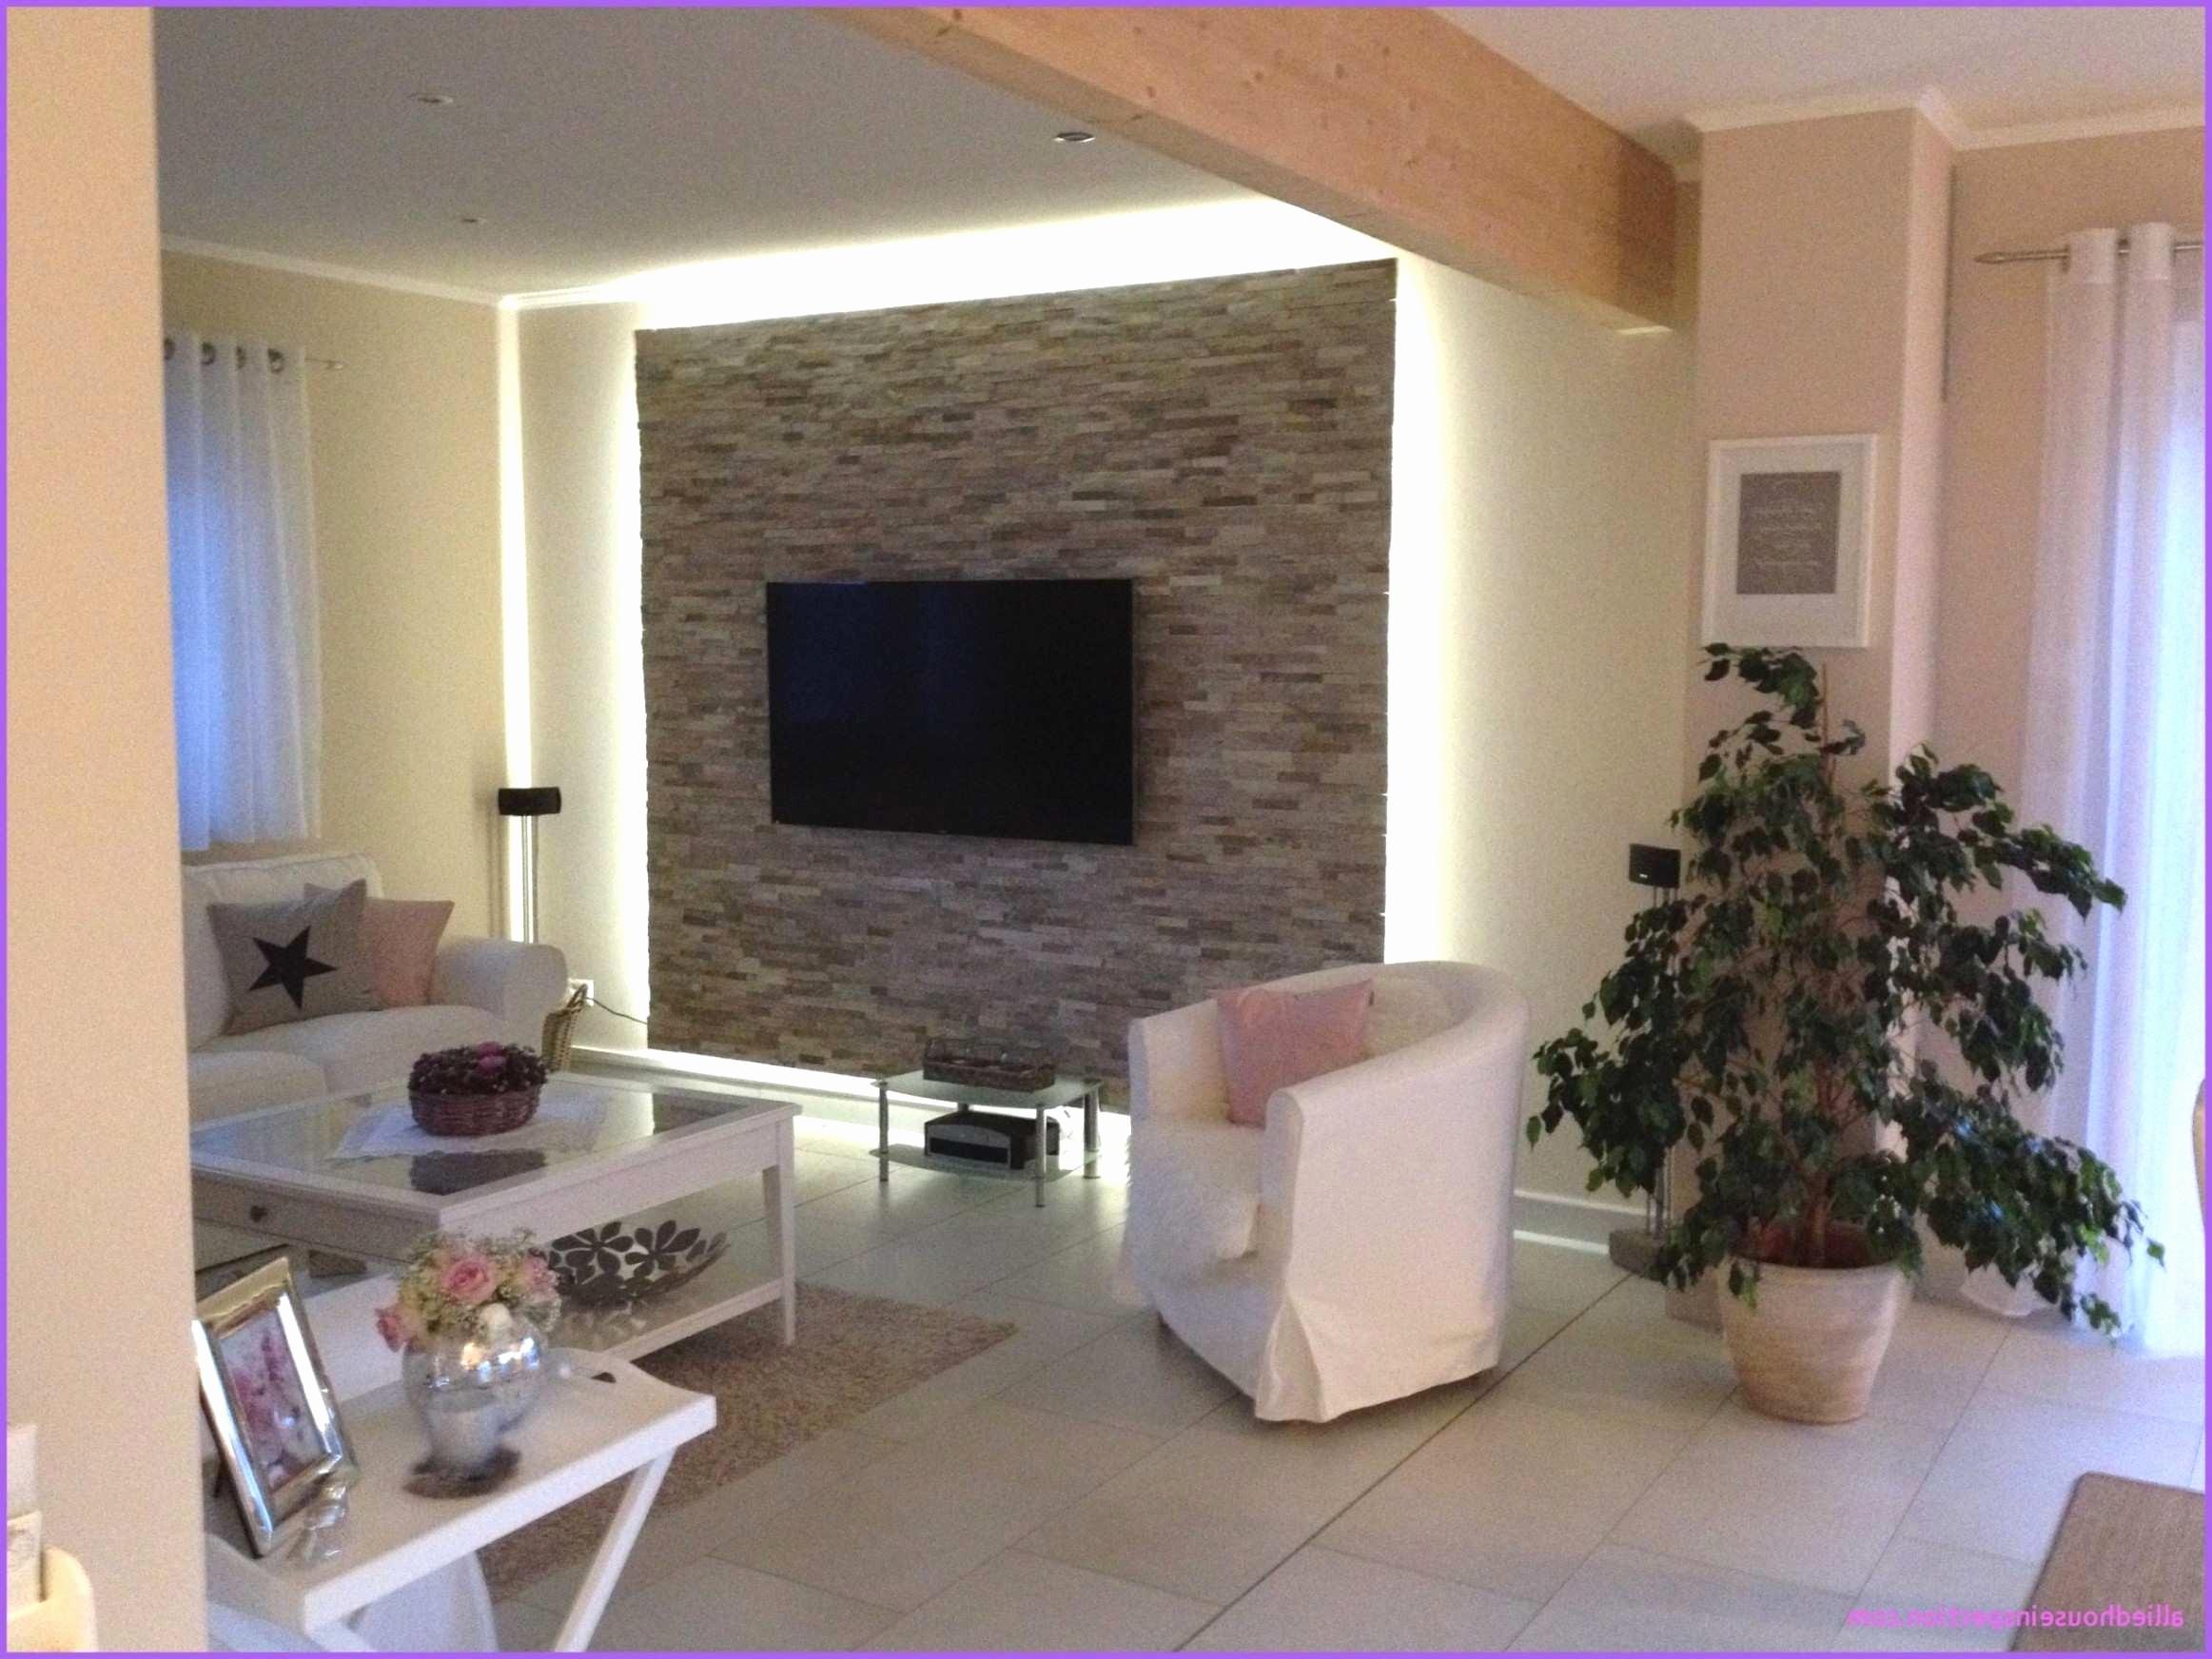 pinterest deko ideen beau 12 beste wohnzimmer ideen pinterest konzept of pinterest deko ideen